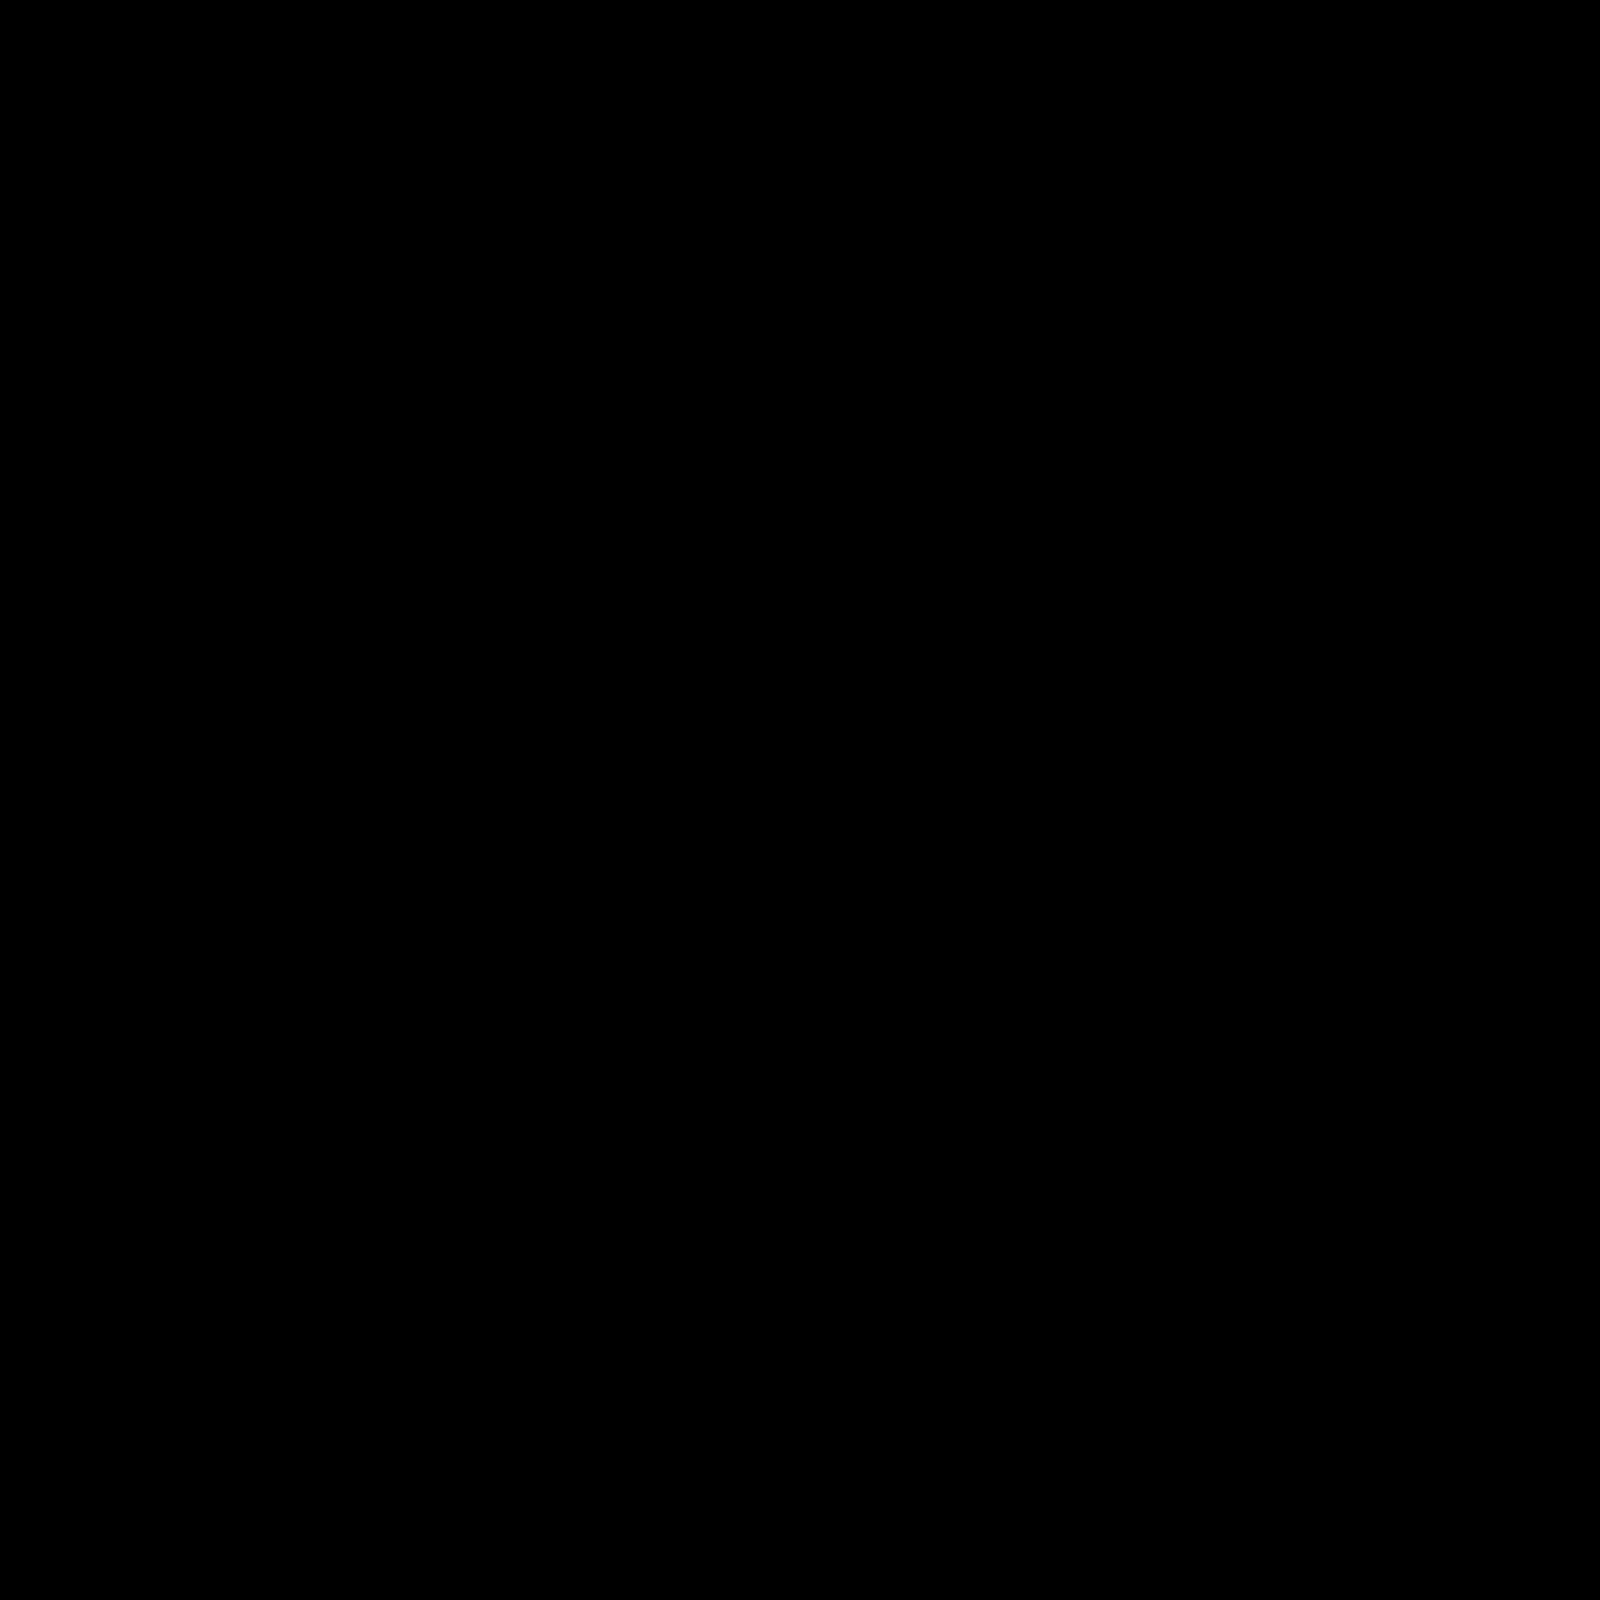 184D6569-78D3-4411-9707-4C3D154A6B85